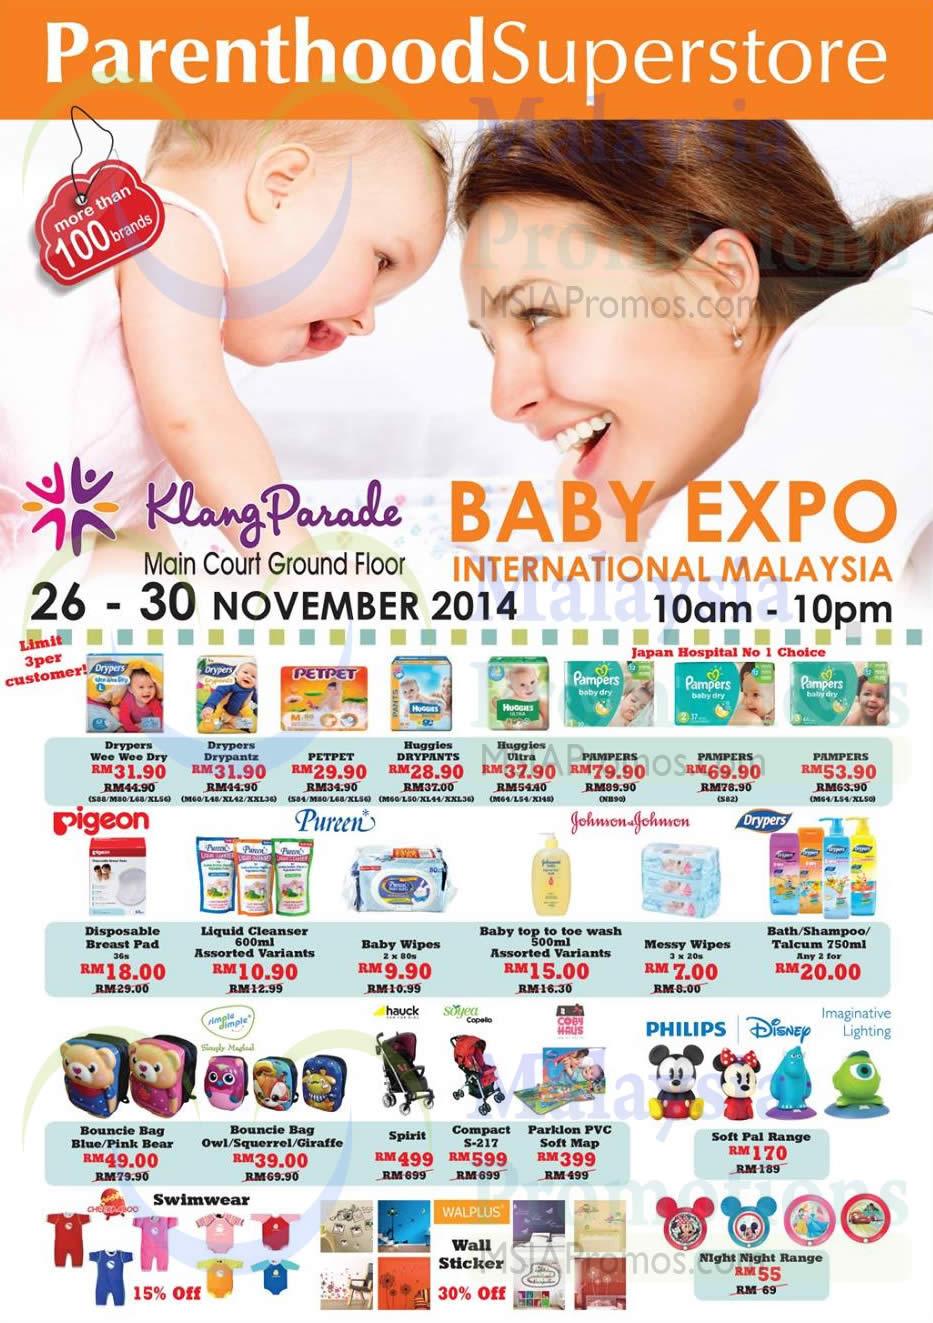 Simba & U Care Products Baby Products. Contact Info. Suite A, Level 18, Menara A, Persiaran MPAJ, Jalan Pandan Utama, Pandan Indah, , Kuala Lumpur, Malaysia.